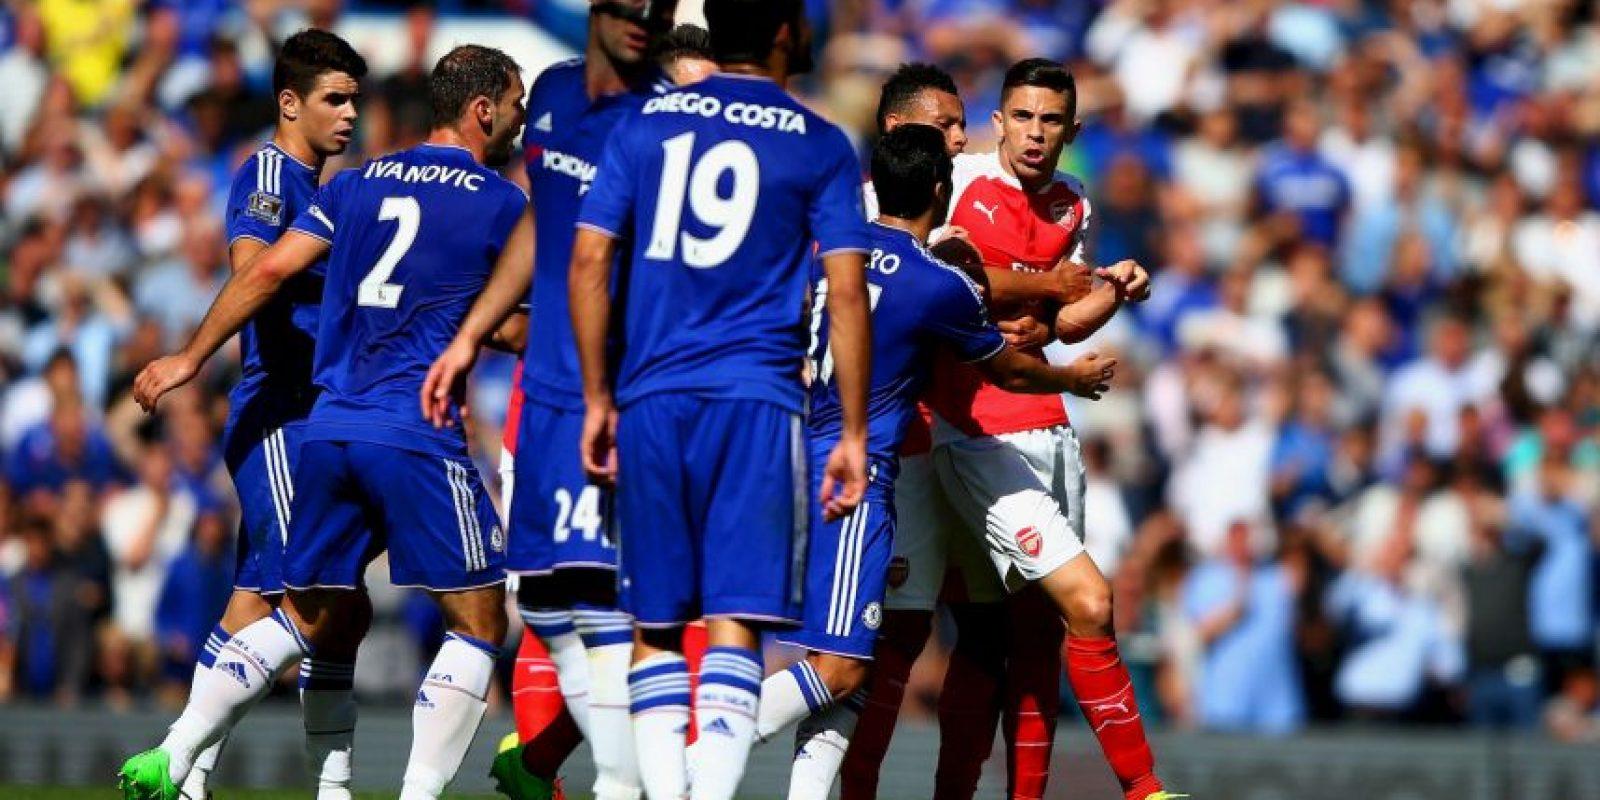 """Además, los """"Gunners"""" se quedaron con 10 hombres tras la expulsión de Gabriel Paulista, quien había tenido roces con Diego Costa. Foto:Getty Images"""